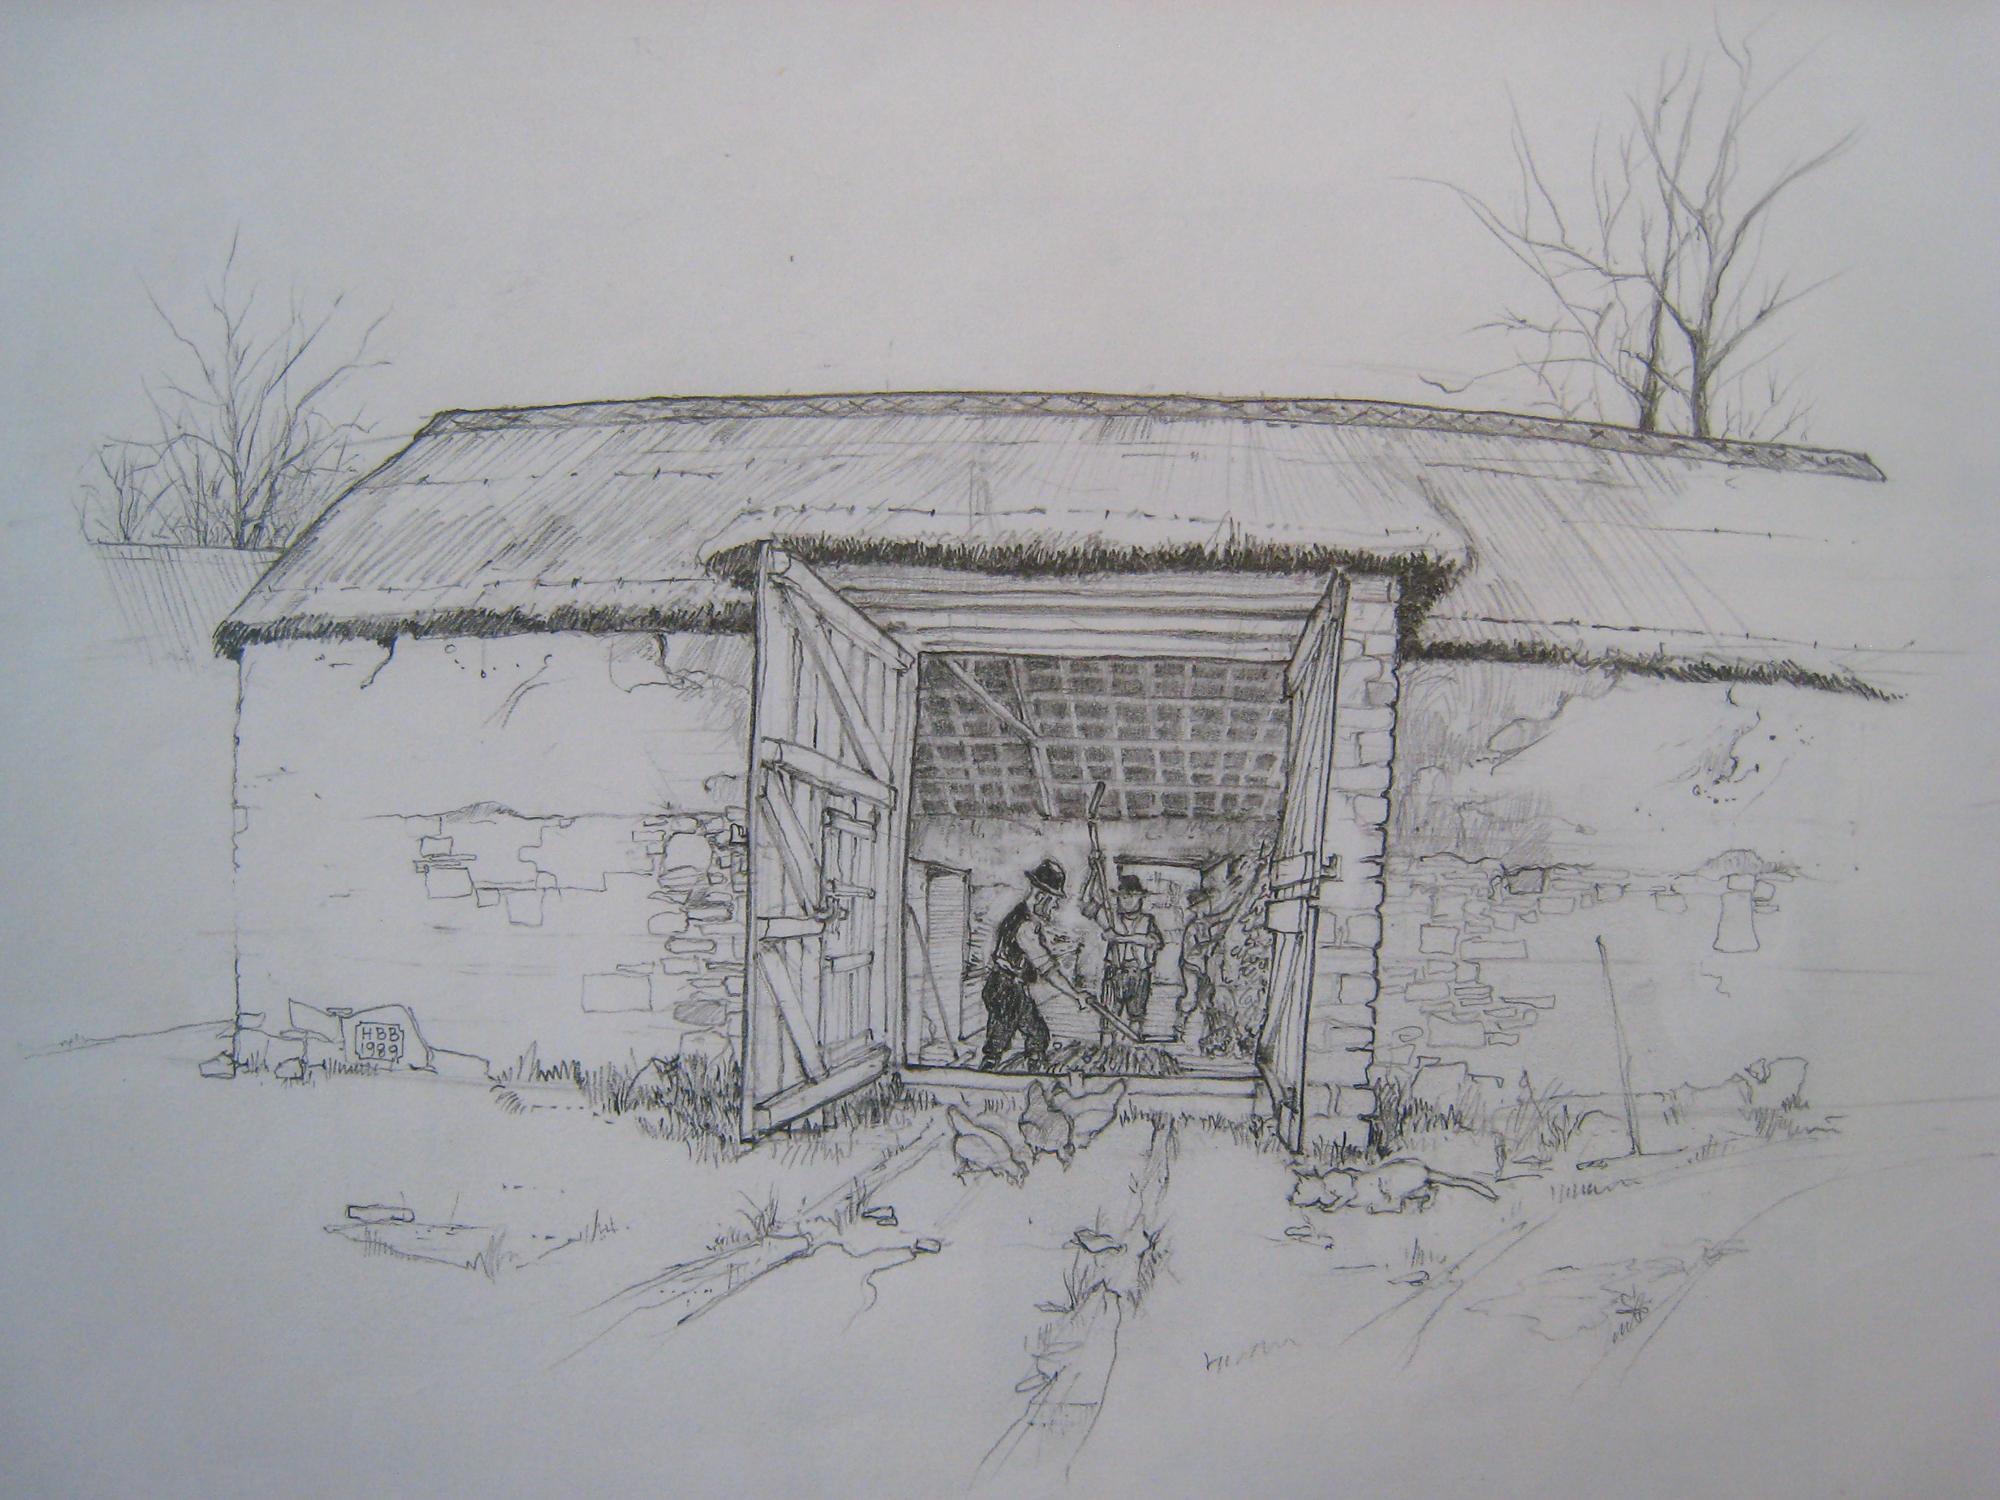 APM Threshers threshing in barn